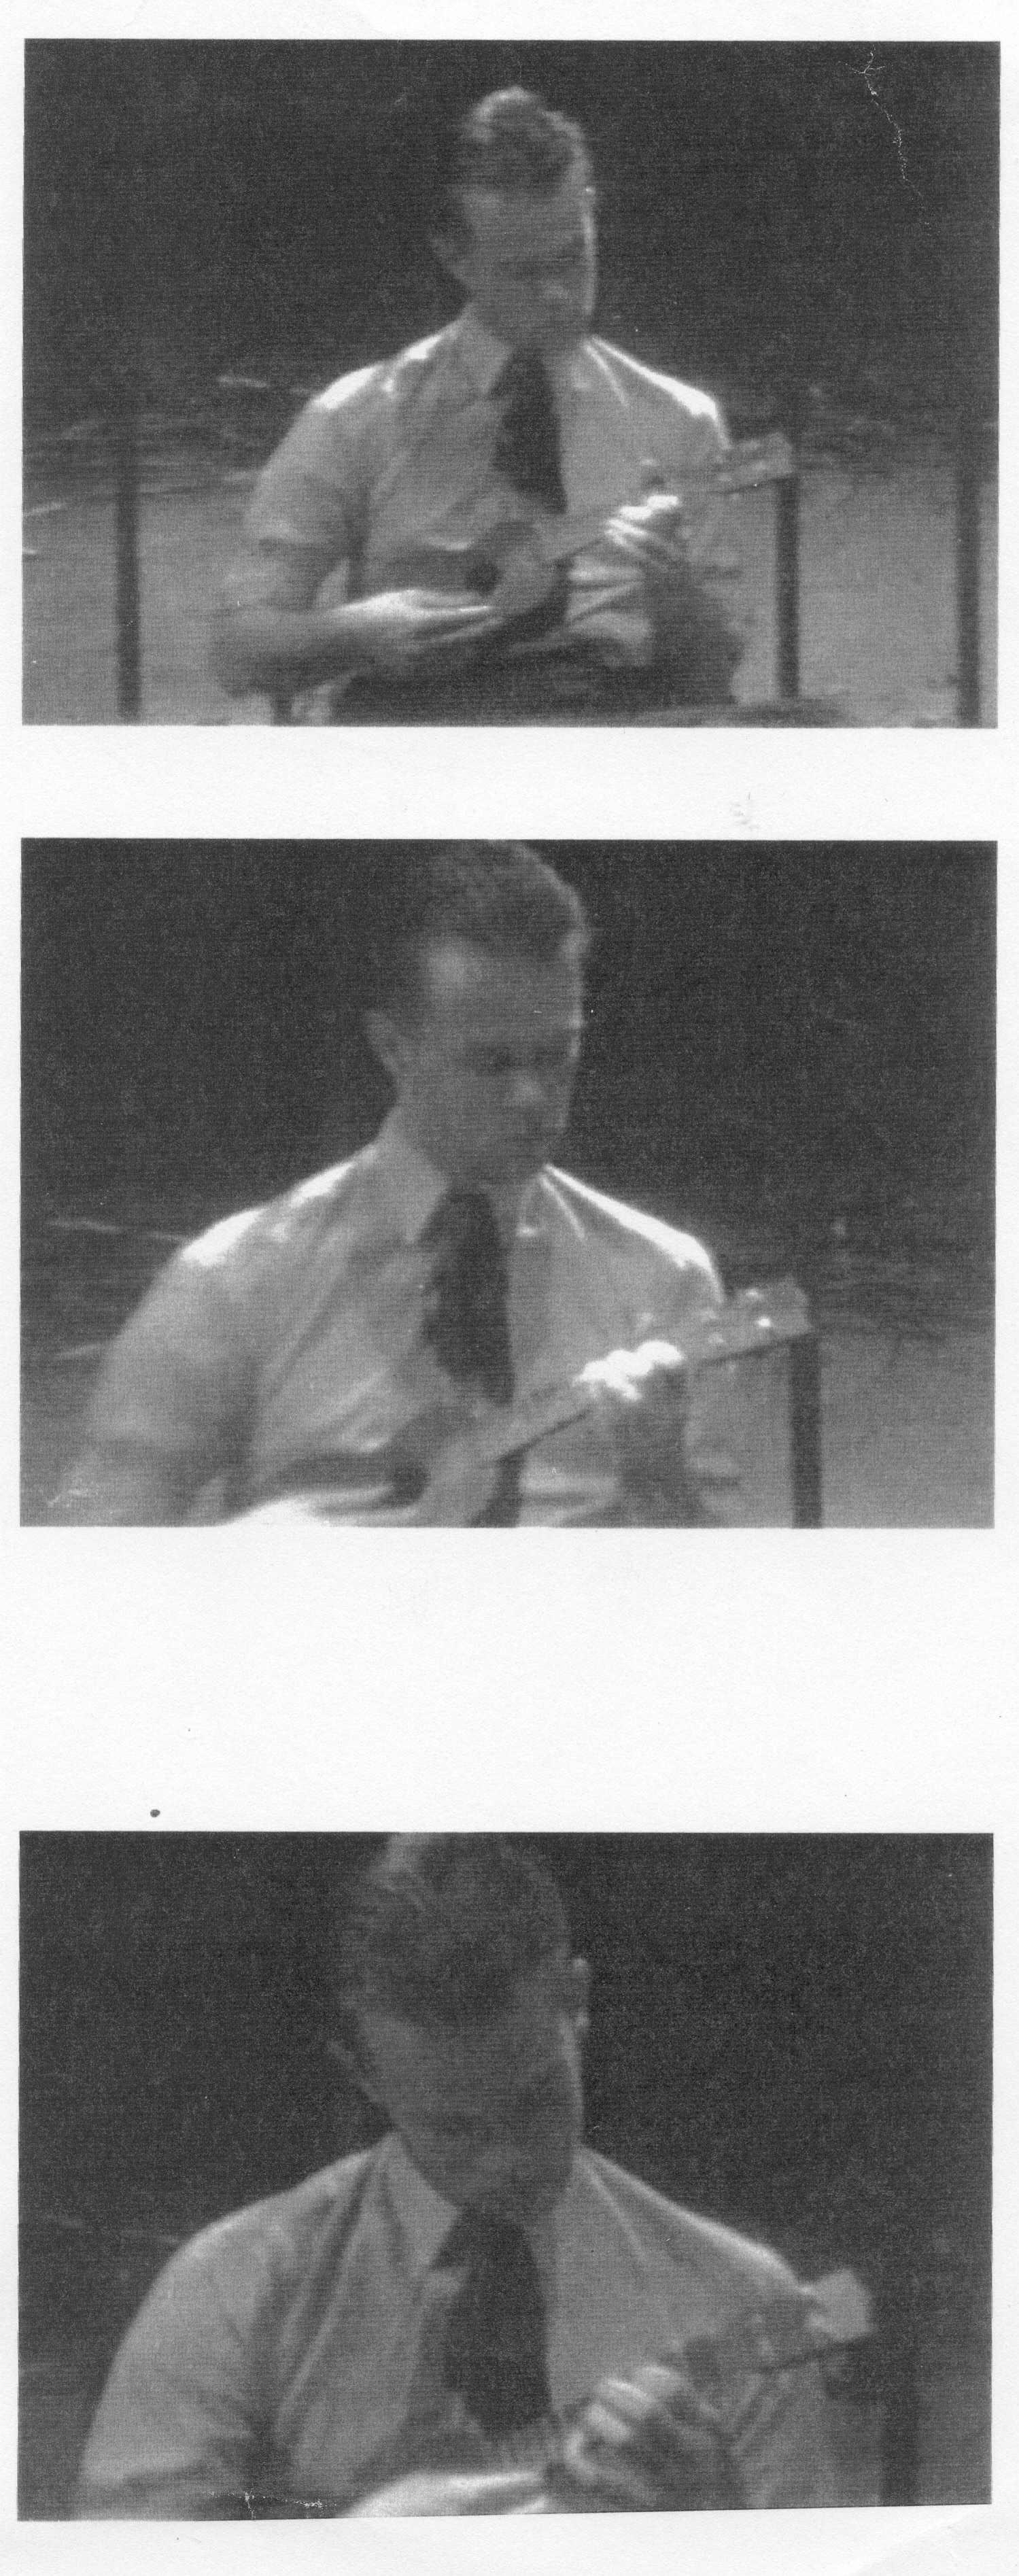 Playing ukulele, Uses Of Enchantment, London, 1987